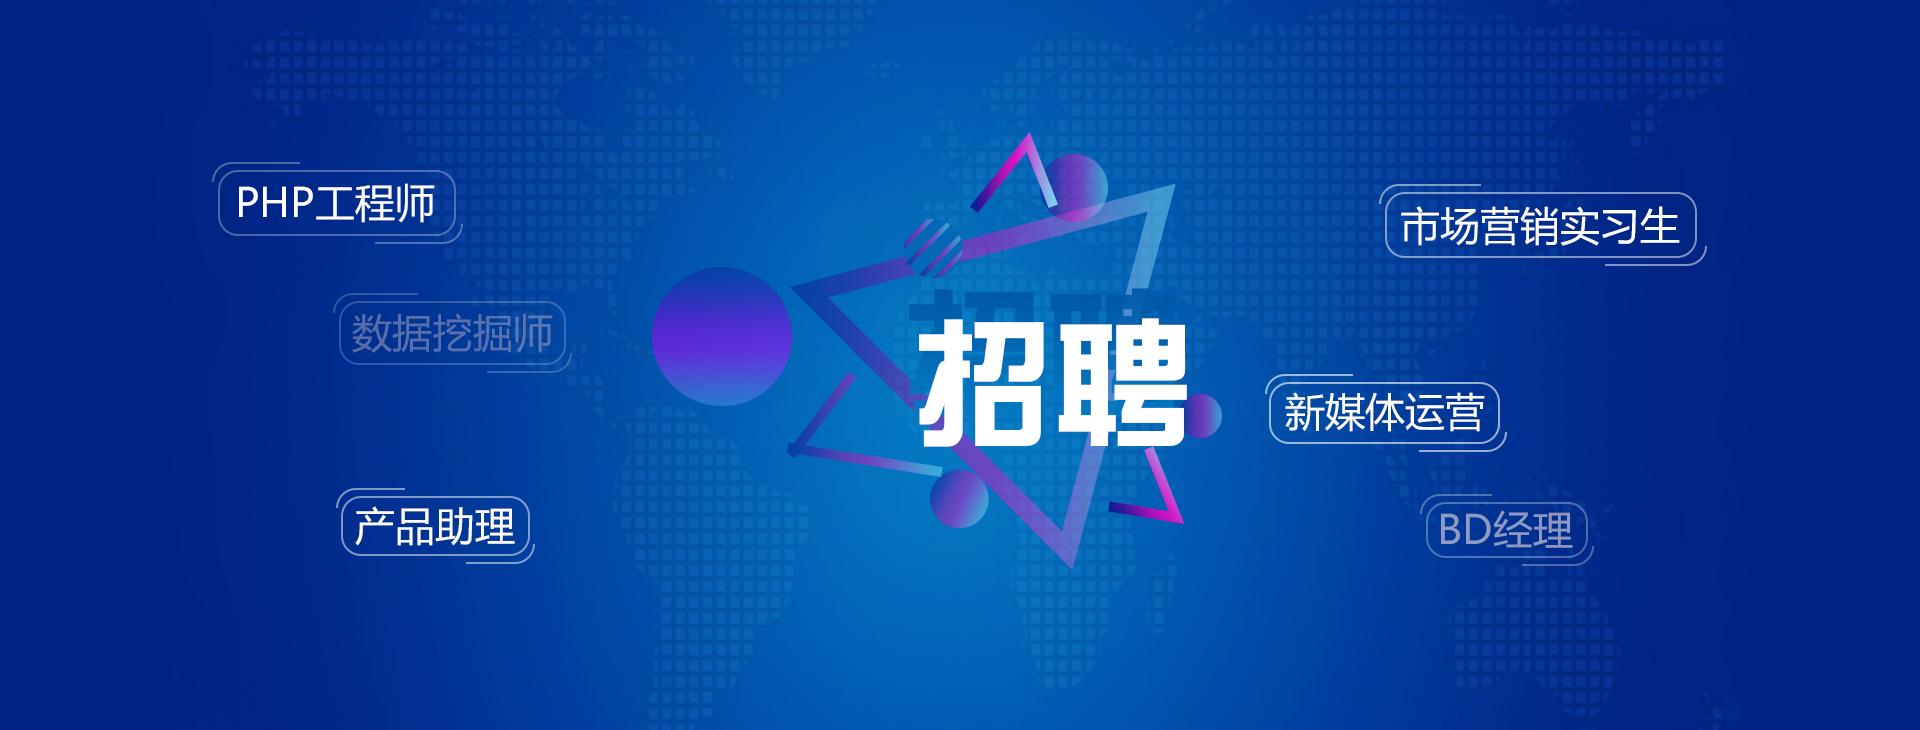 校园招聘banner图|平面|宣传品|yy929322672 - 原创